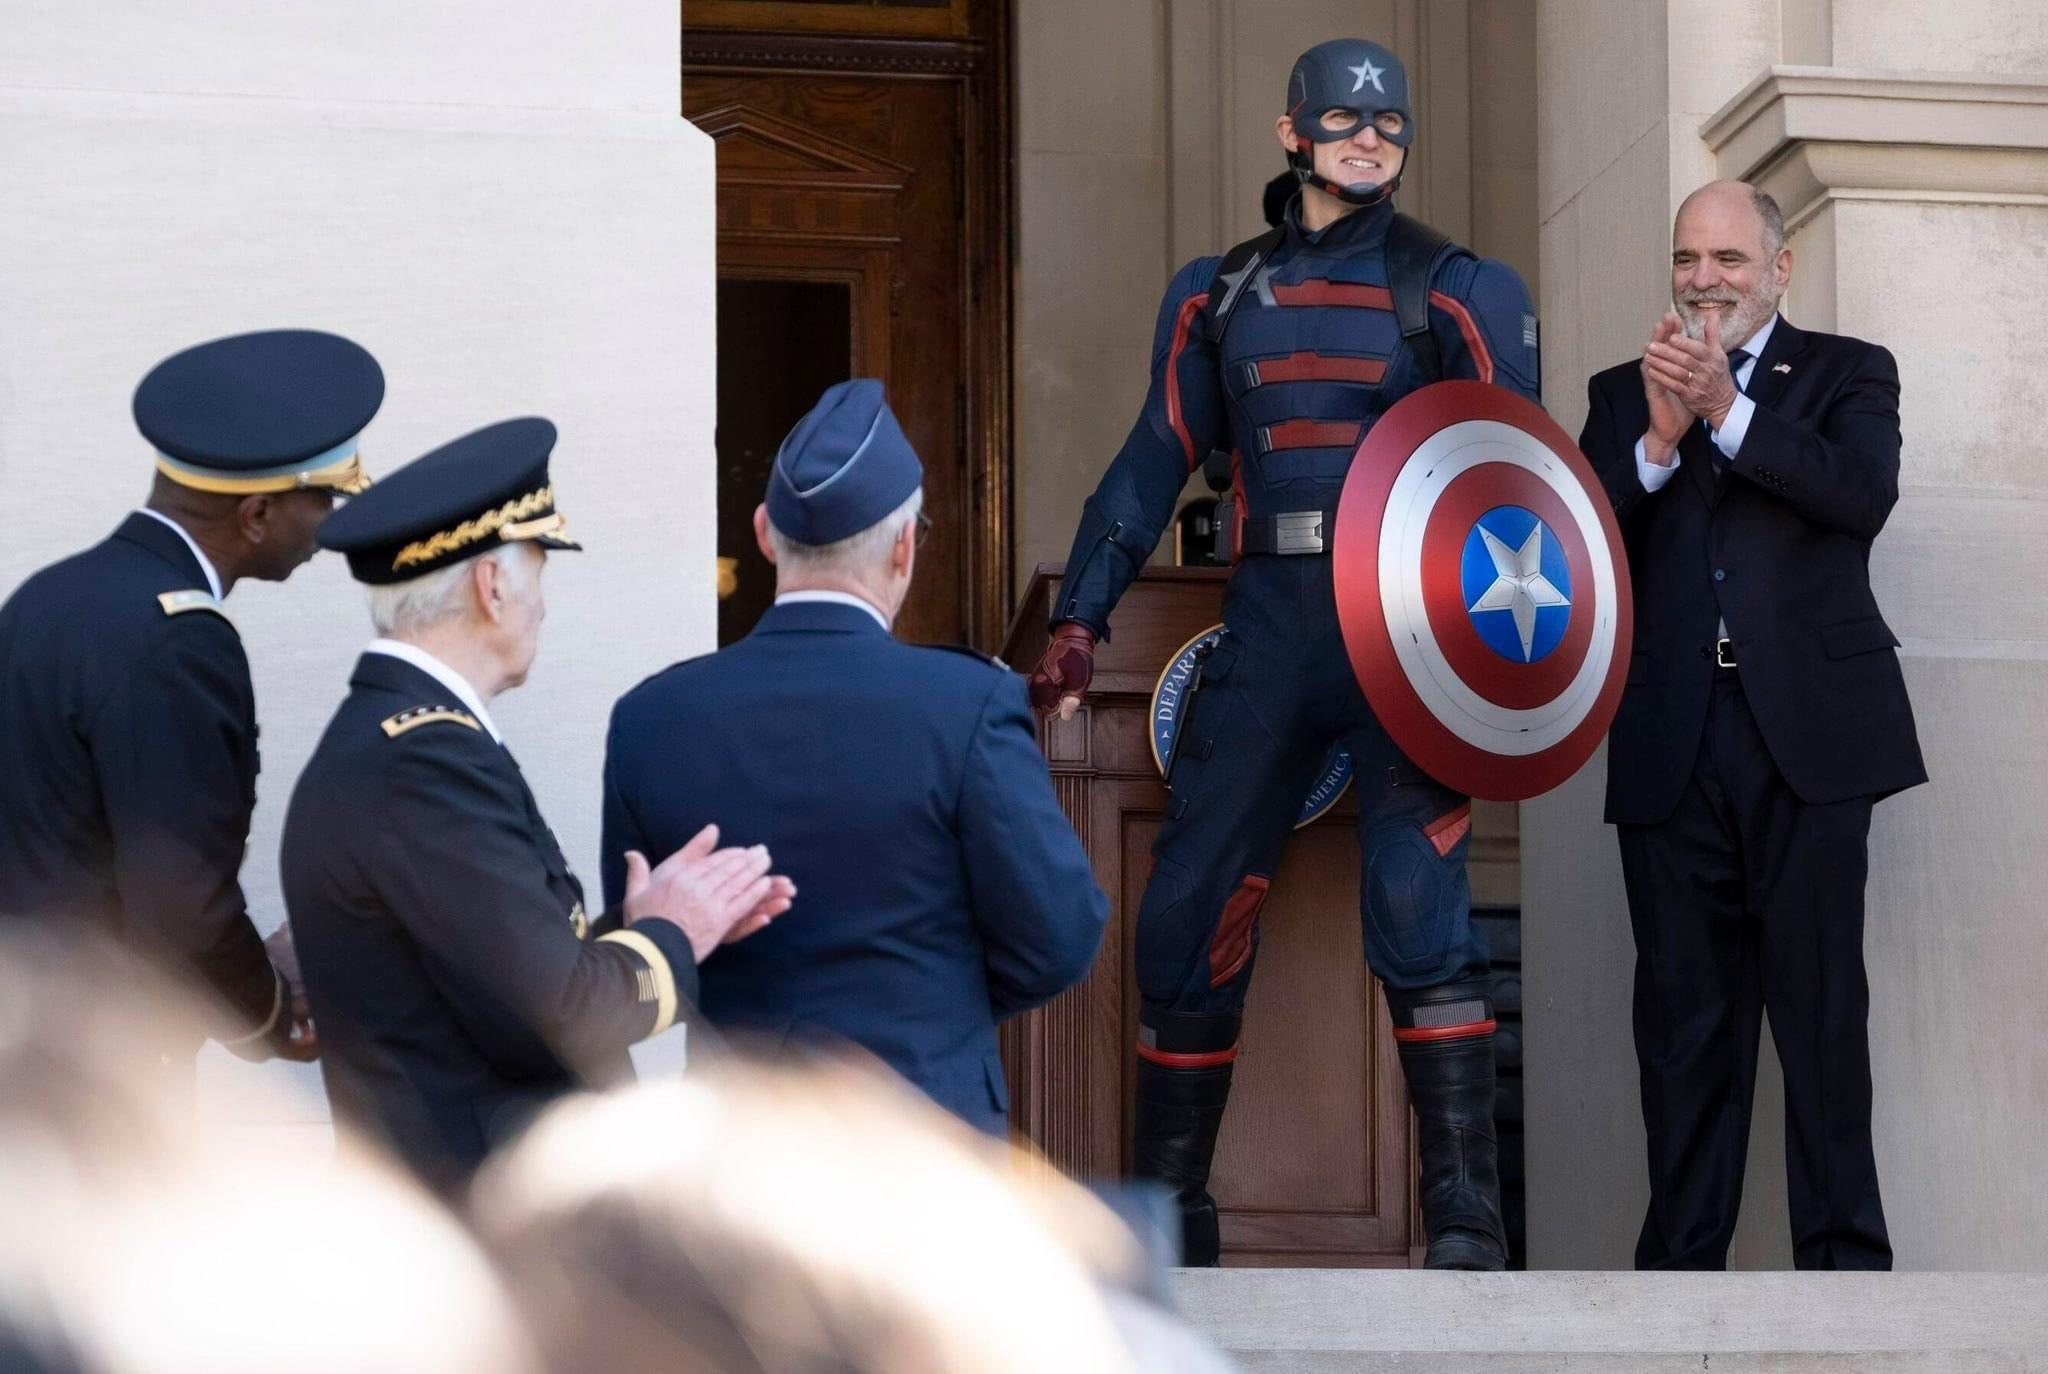 Agente Americano é destaque em nova imagem de Falcão e o Soldado Invernal